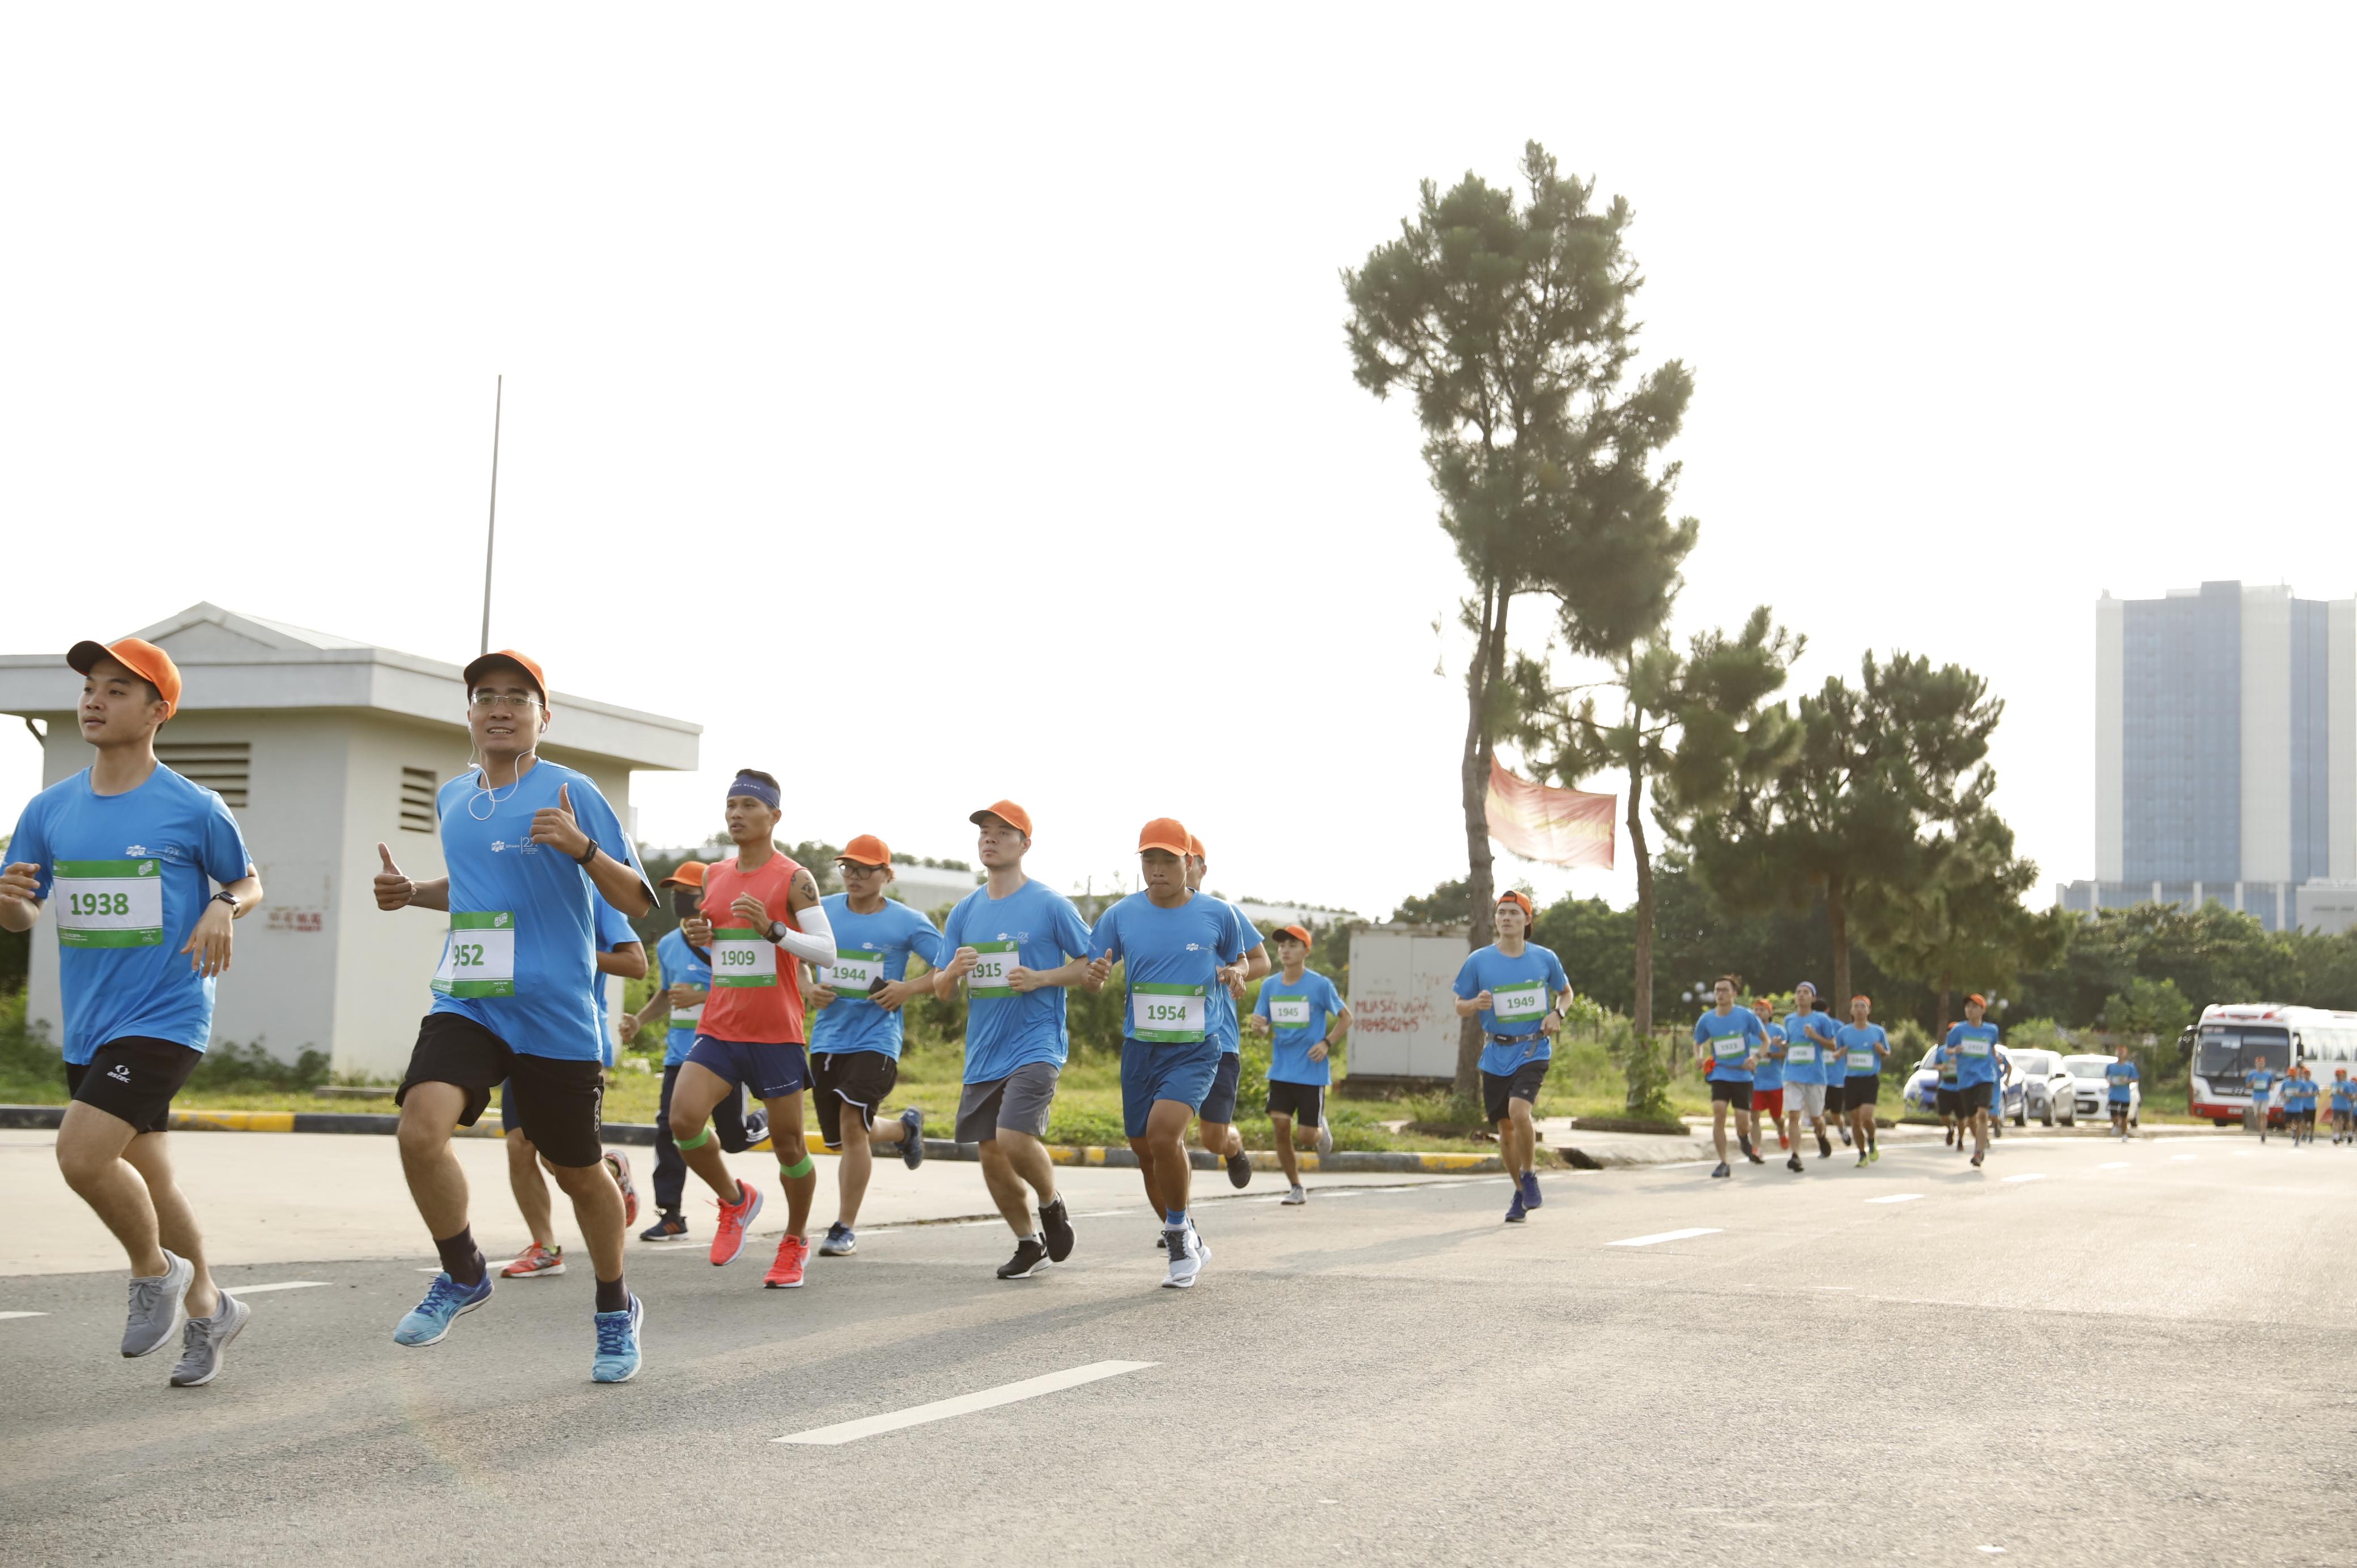 Nhưng mọi khó khăn cũng không thể ngăn được sức chạy của các vận động viên tại Run For Green.